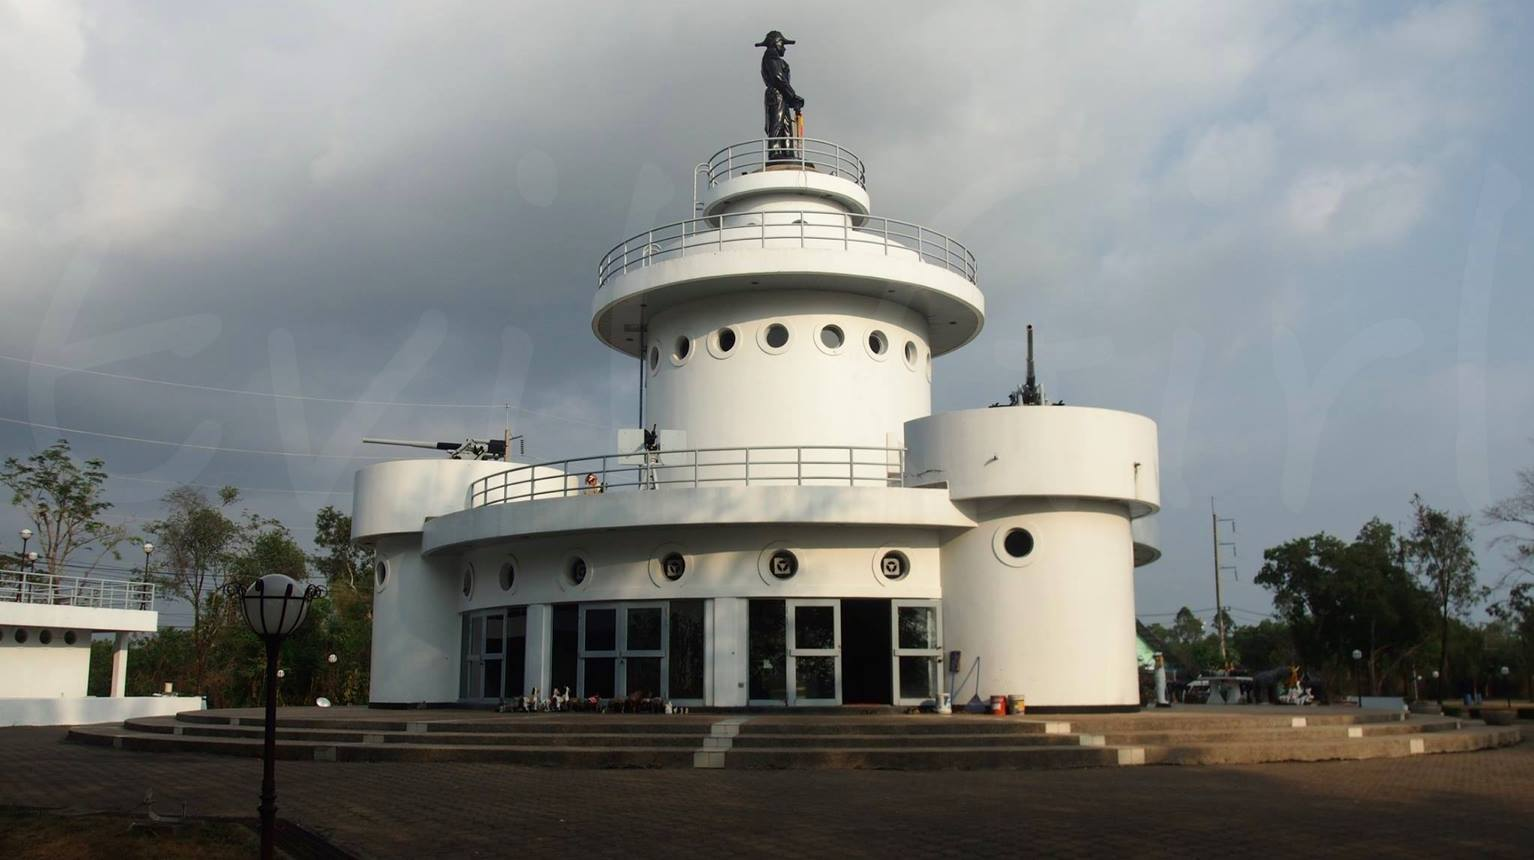 อนุสรณ์สถานยุทธนาวีที่เกาะช้างอันประดิษฐานอนุสาวรีย์กรมหลวงชุมพรเขตอุดมศักดิ์